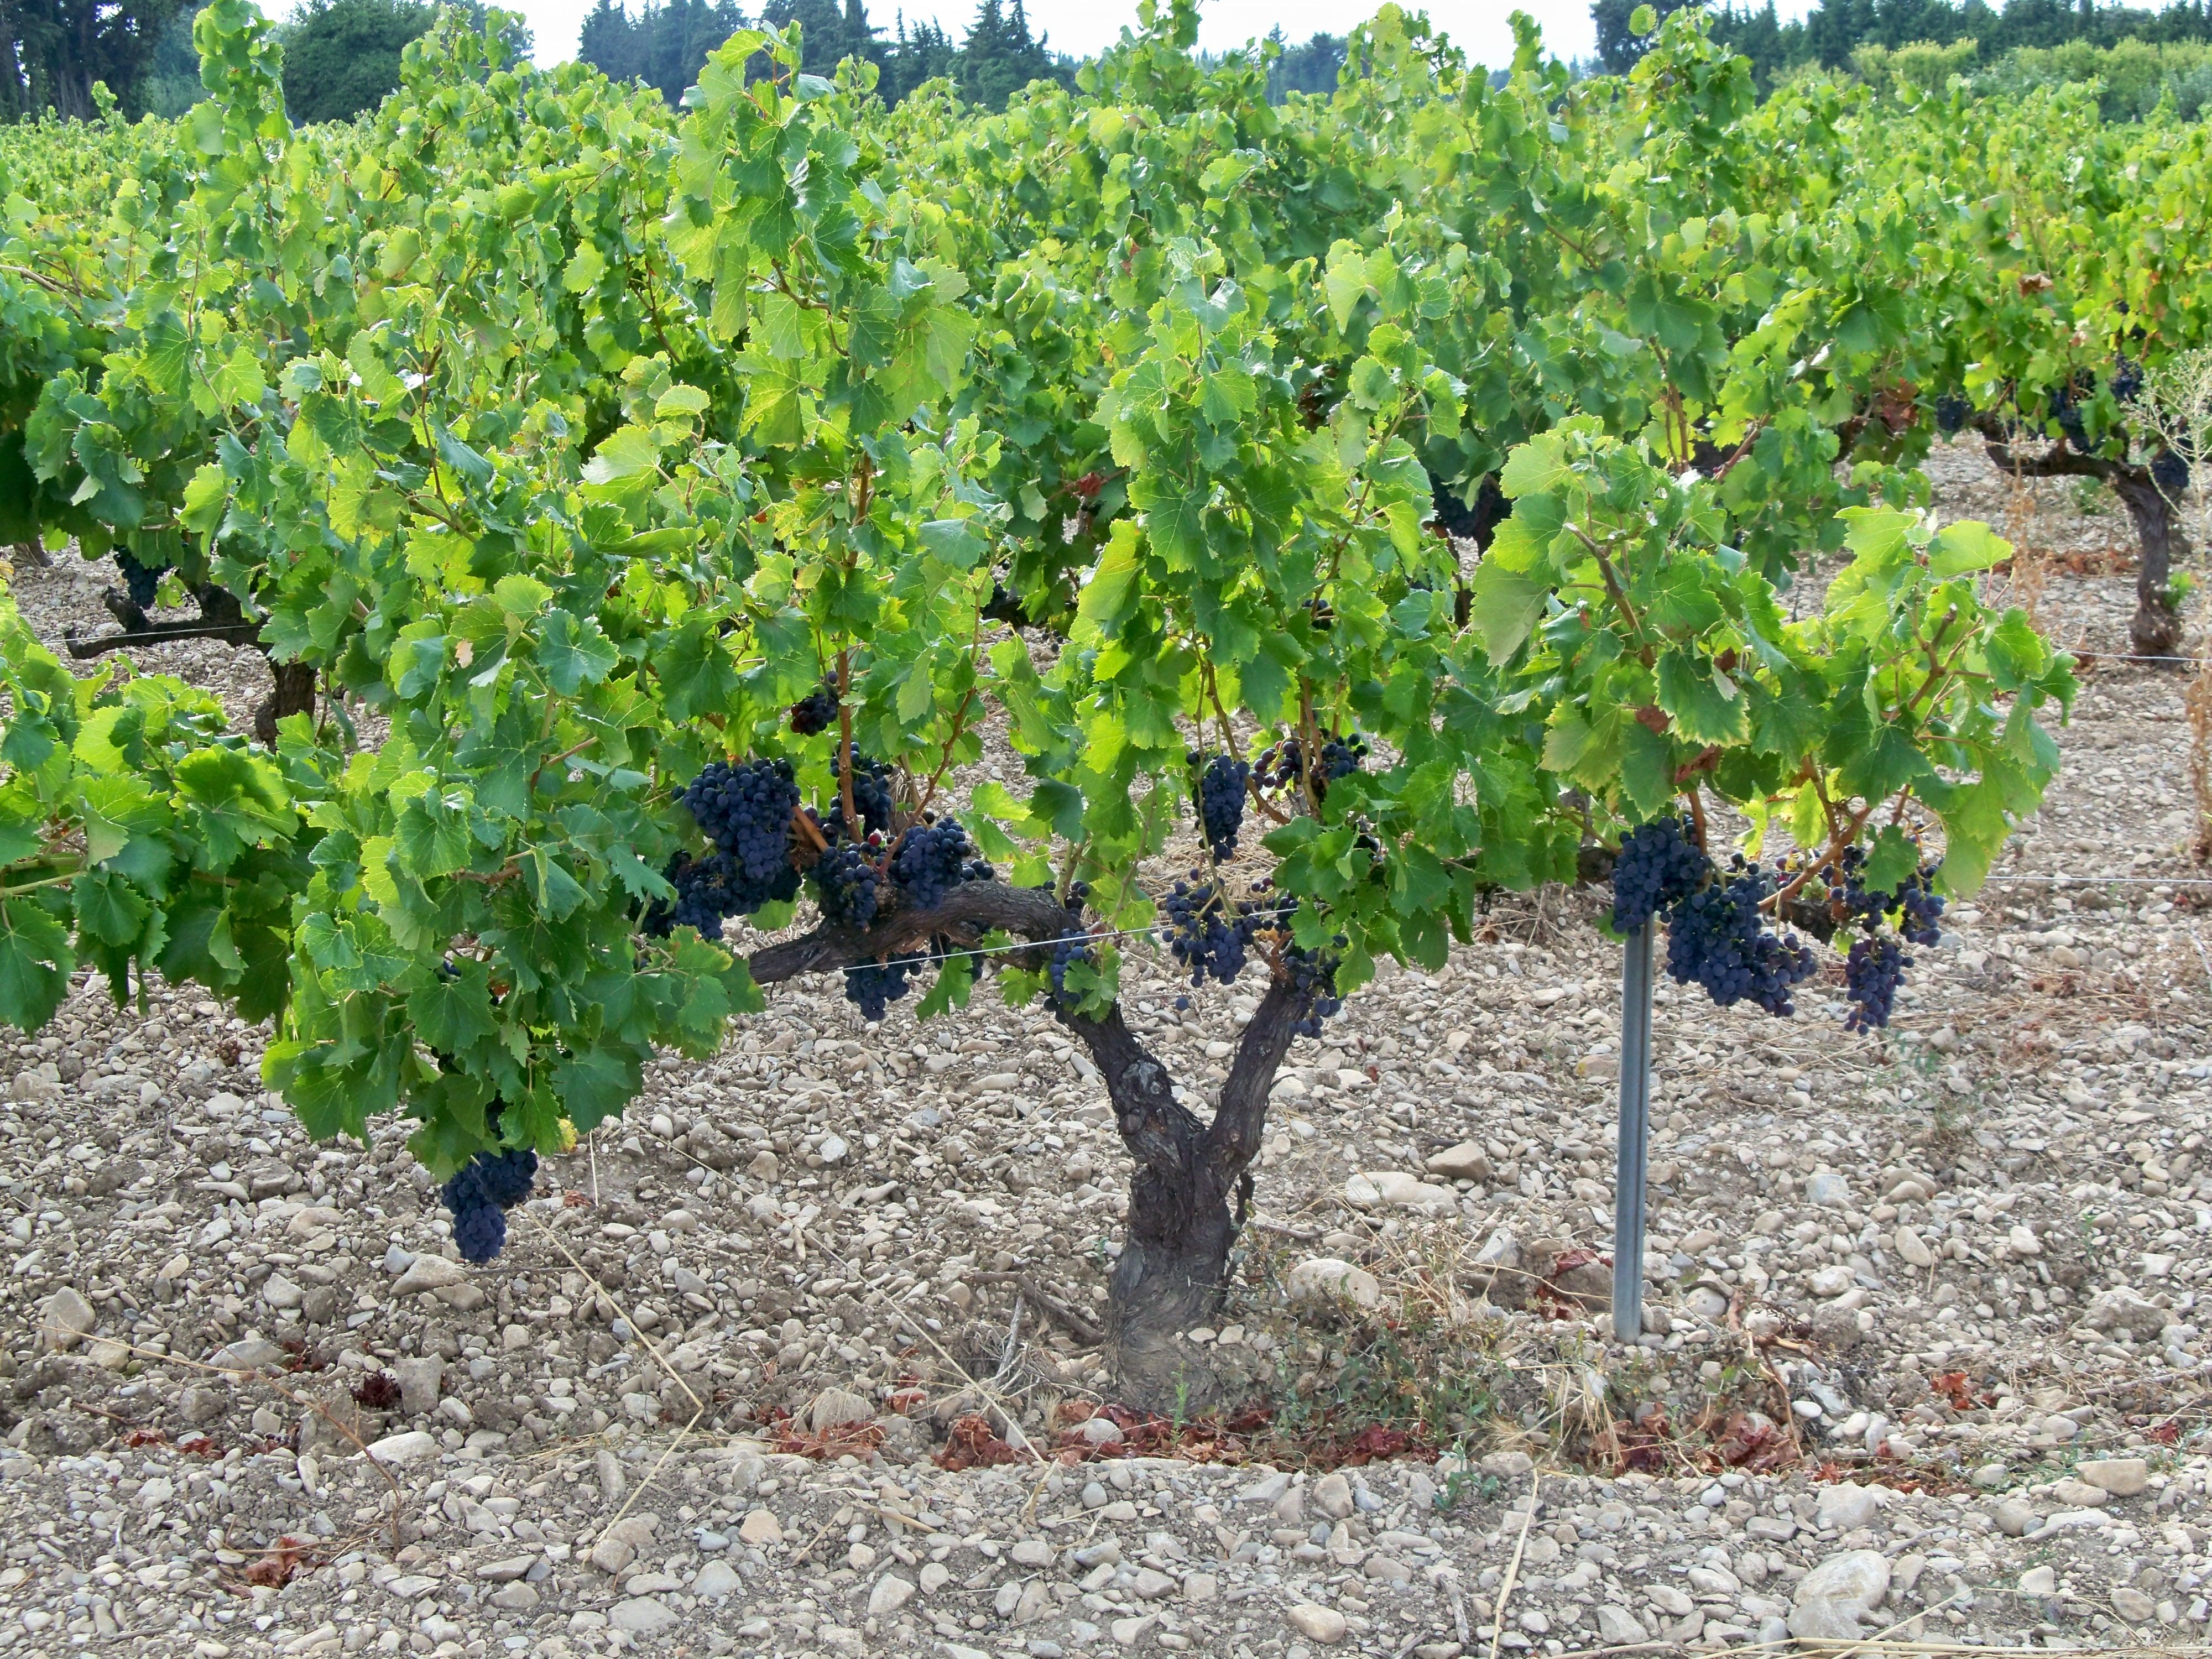 L'Etat défère un viticulteur bio devant le Tribunal de Villefranche-sur-Saône